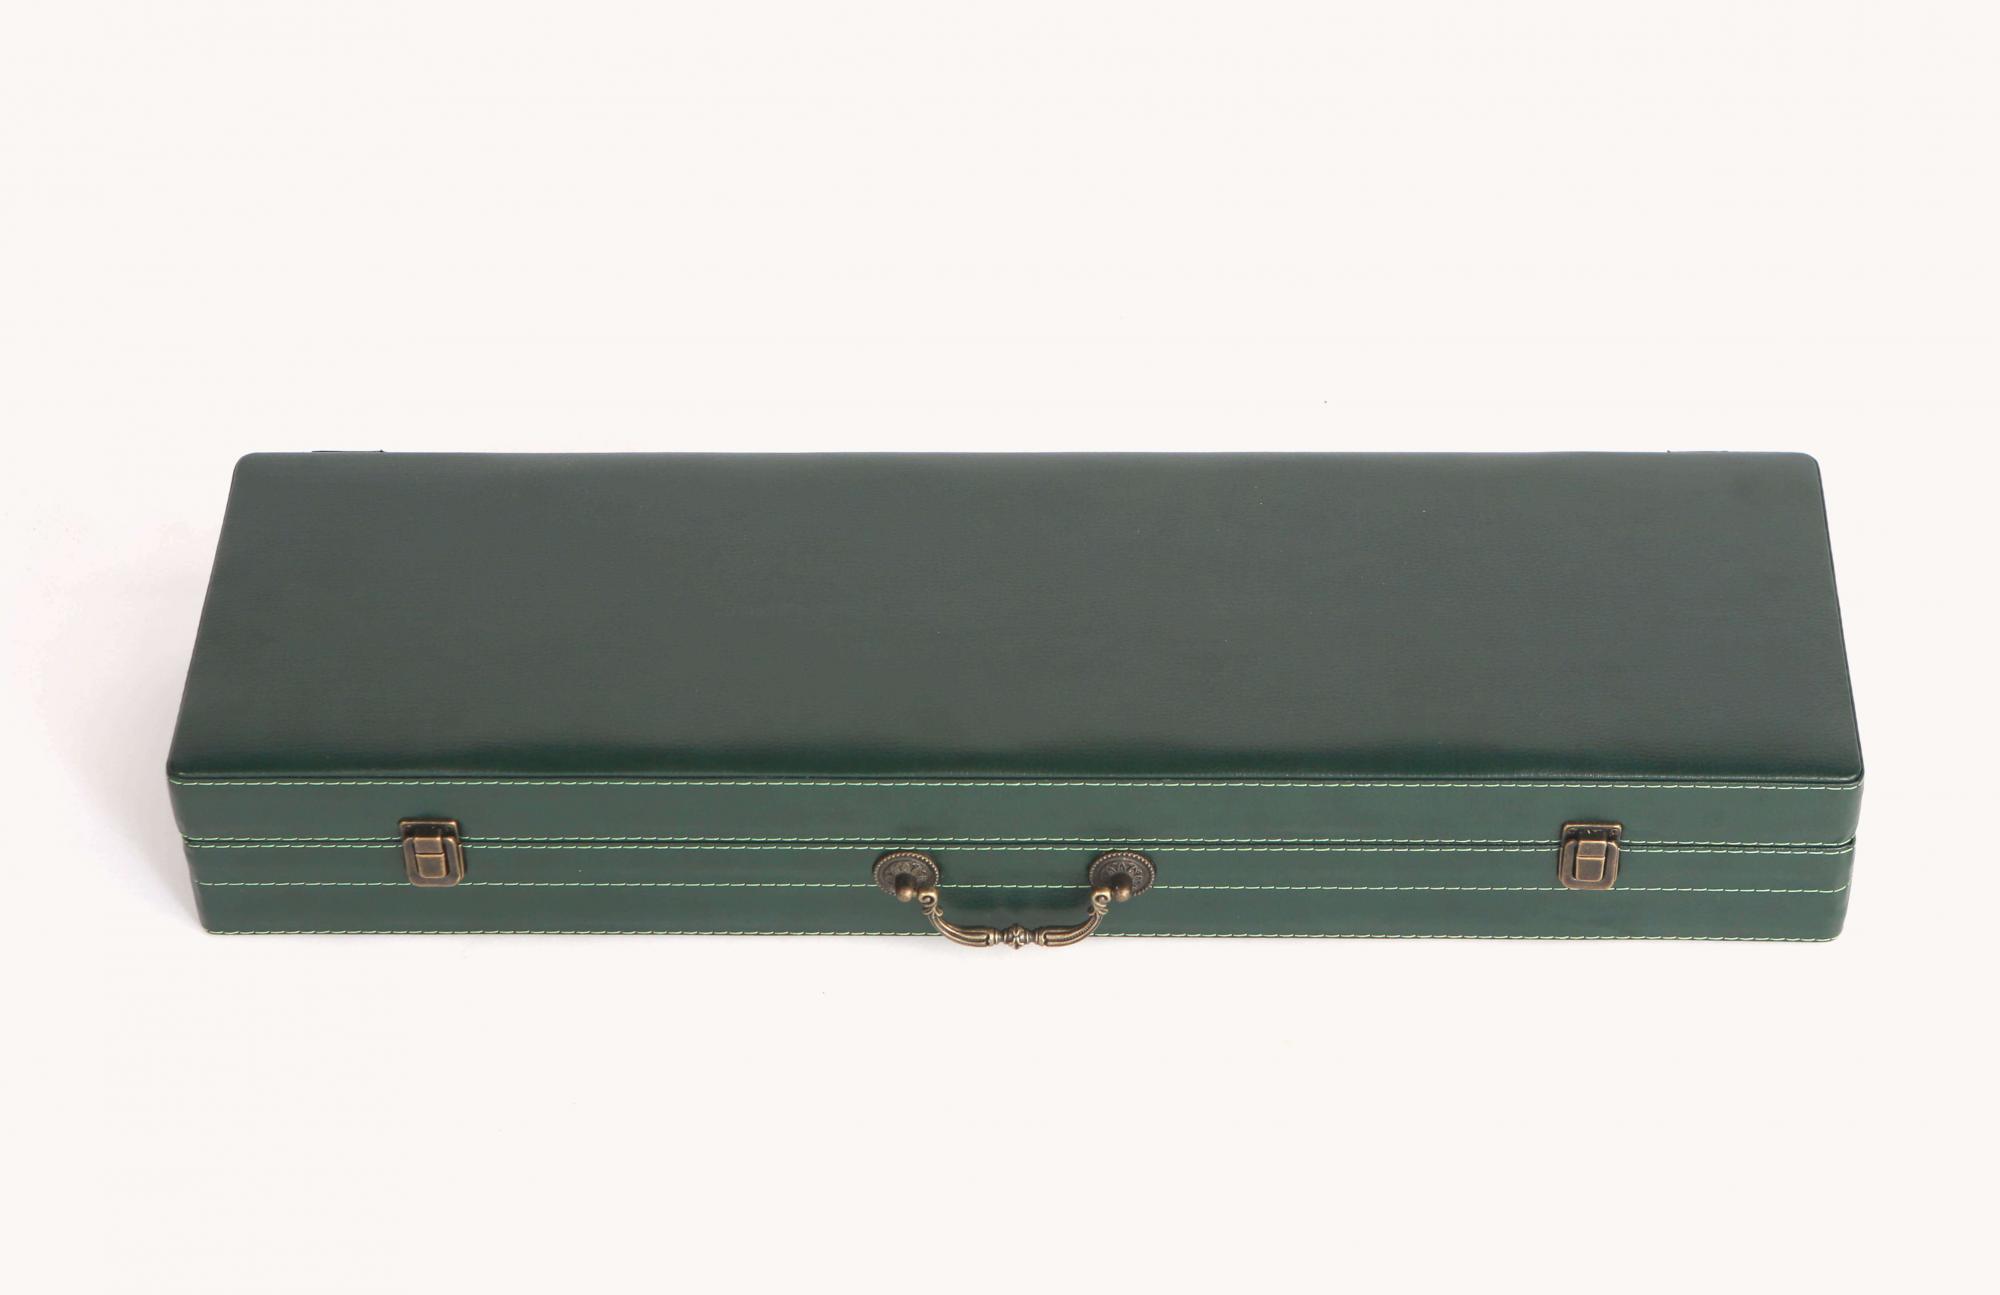 Шашлычный набор №2 - Кизлярский Зел в Москве 89267249203 купить 2